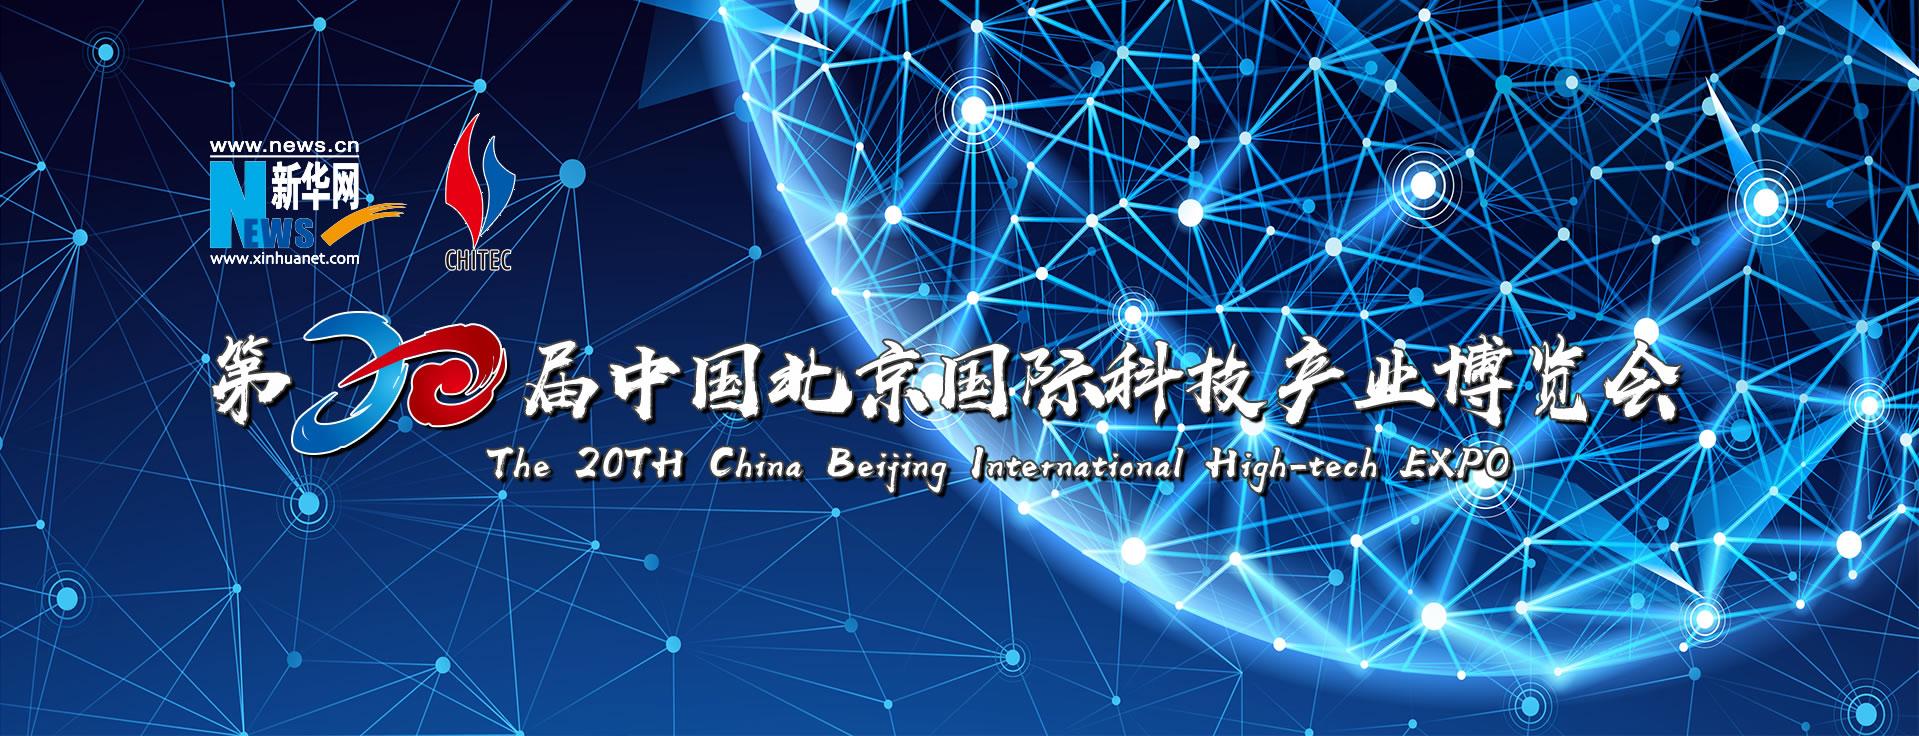 第二十届中国北京国际科技产业博览会